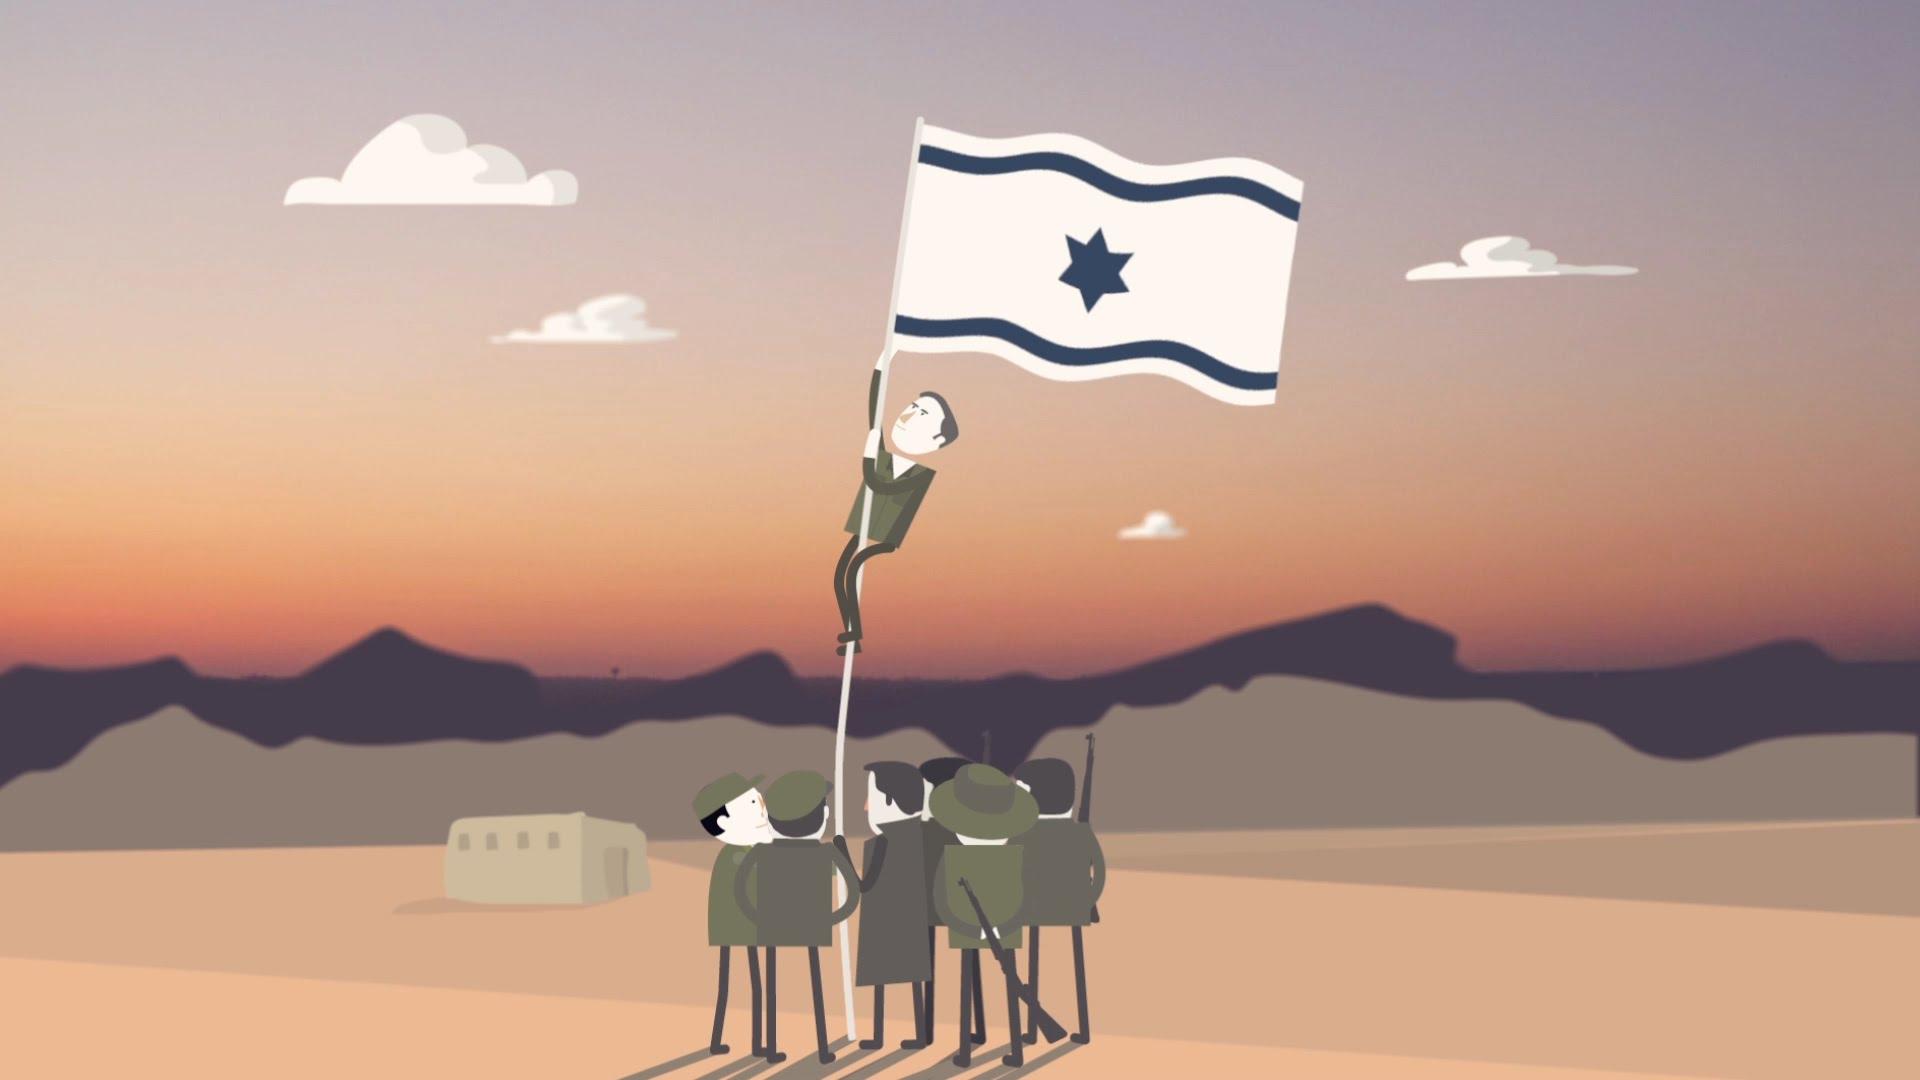 על הקמת המדינה ואלו שבזכותם היא קמה- באנימציה